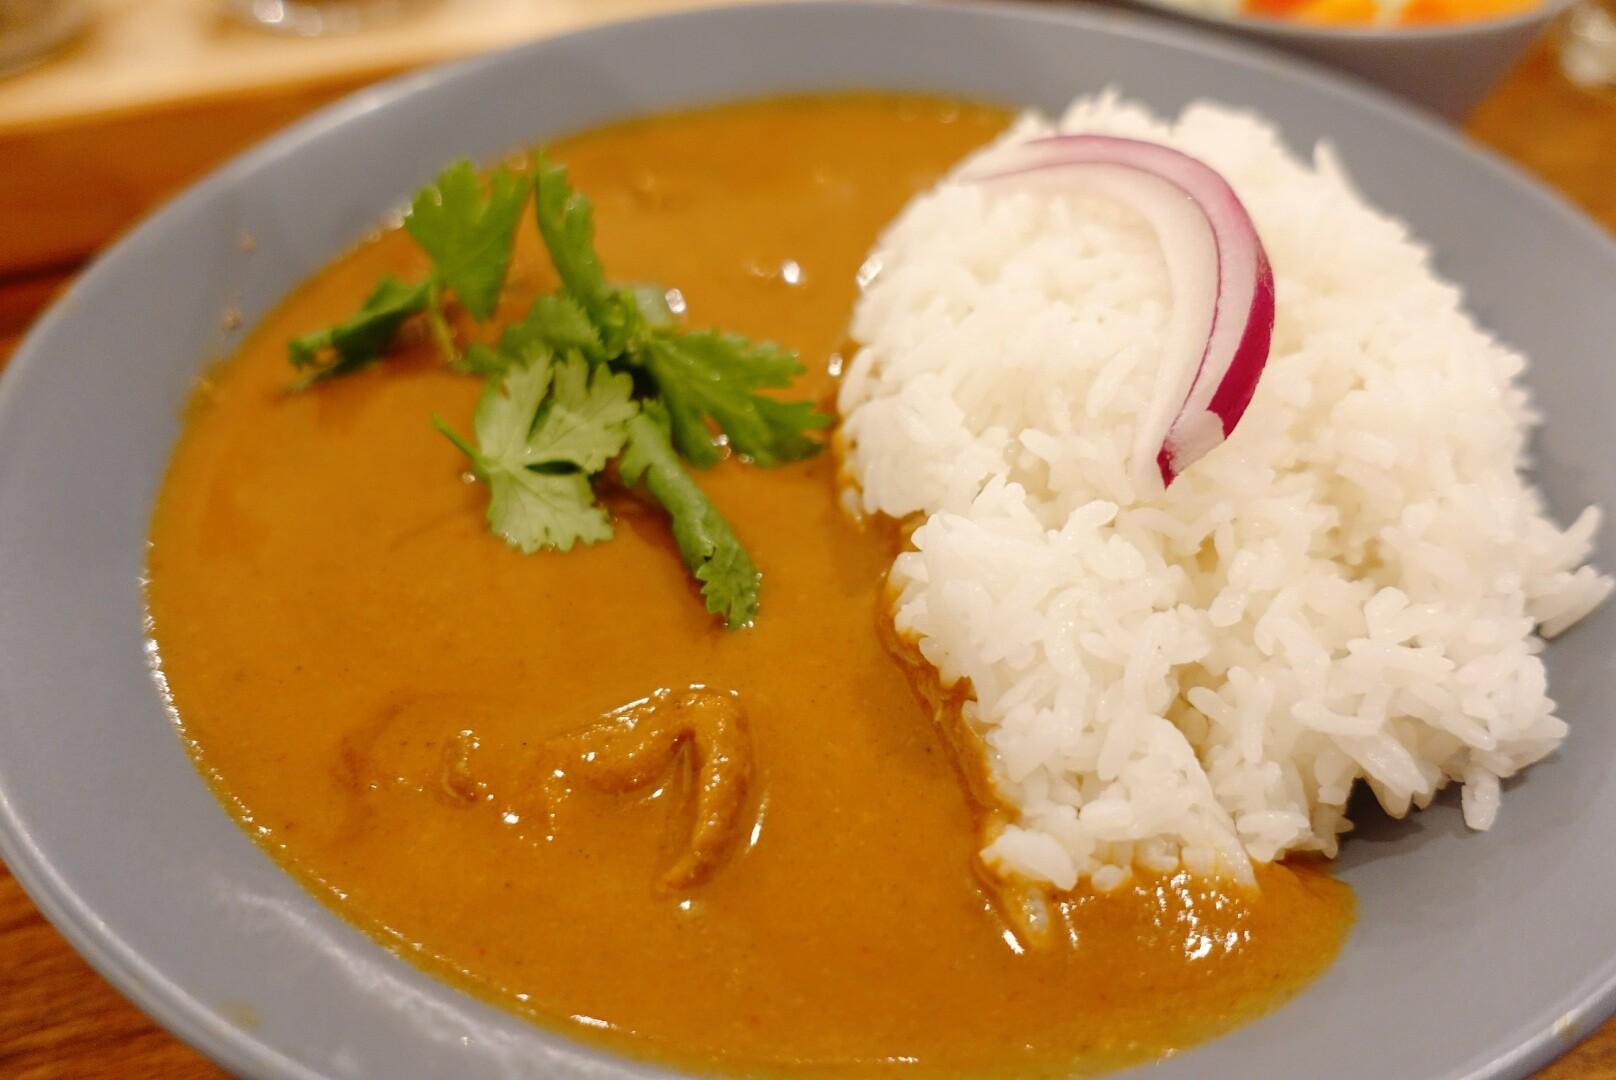 【花蓮市區】曲皿食堂|道地美味印度咖哩與香料饗宴